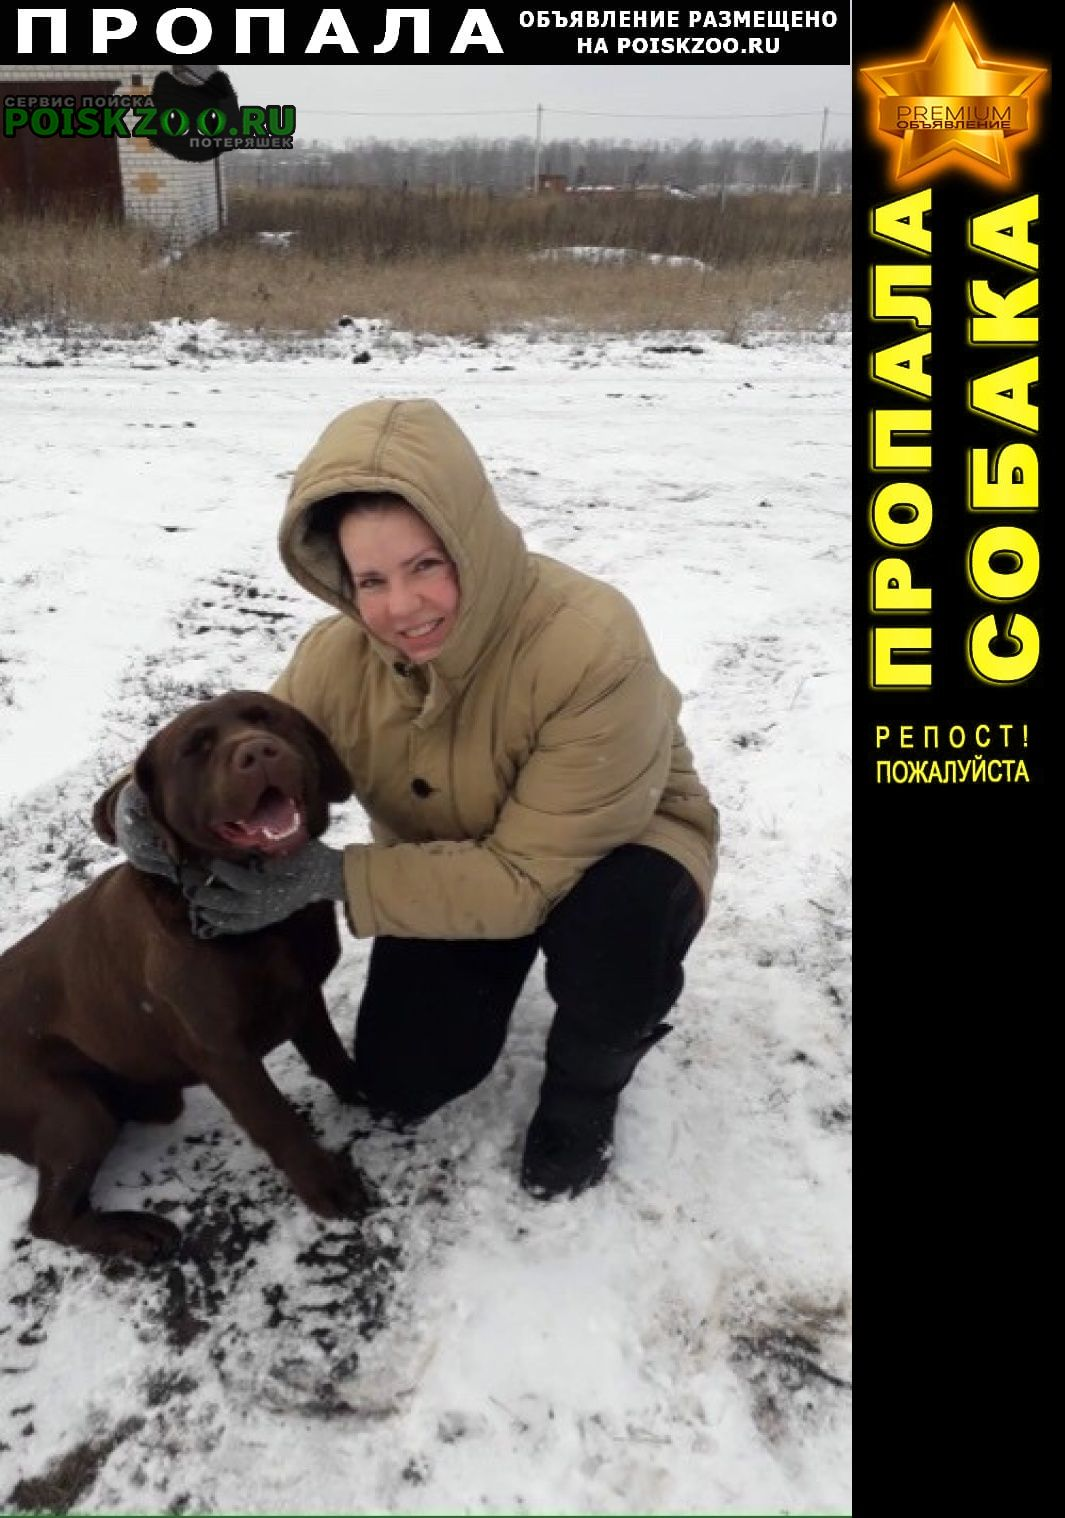 Пропала собака кобель лабрадор шоколад г.Курск